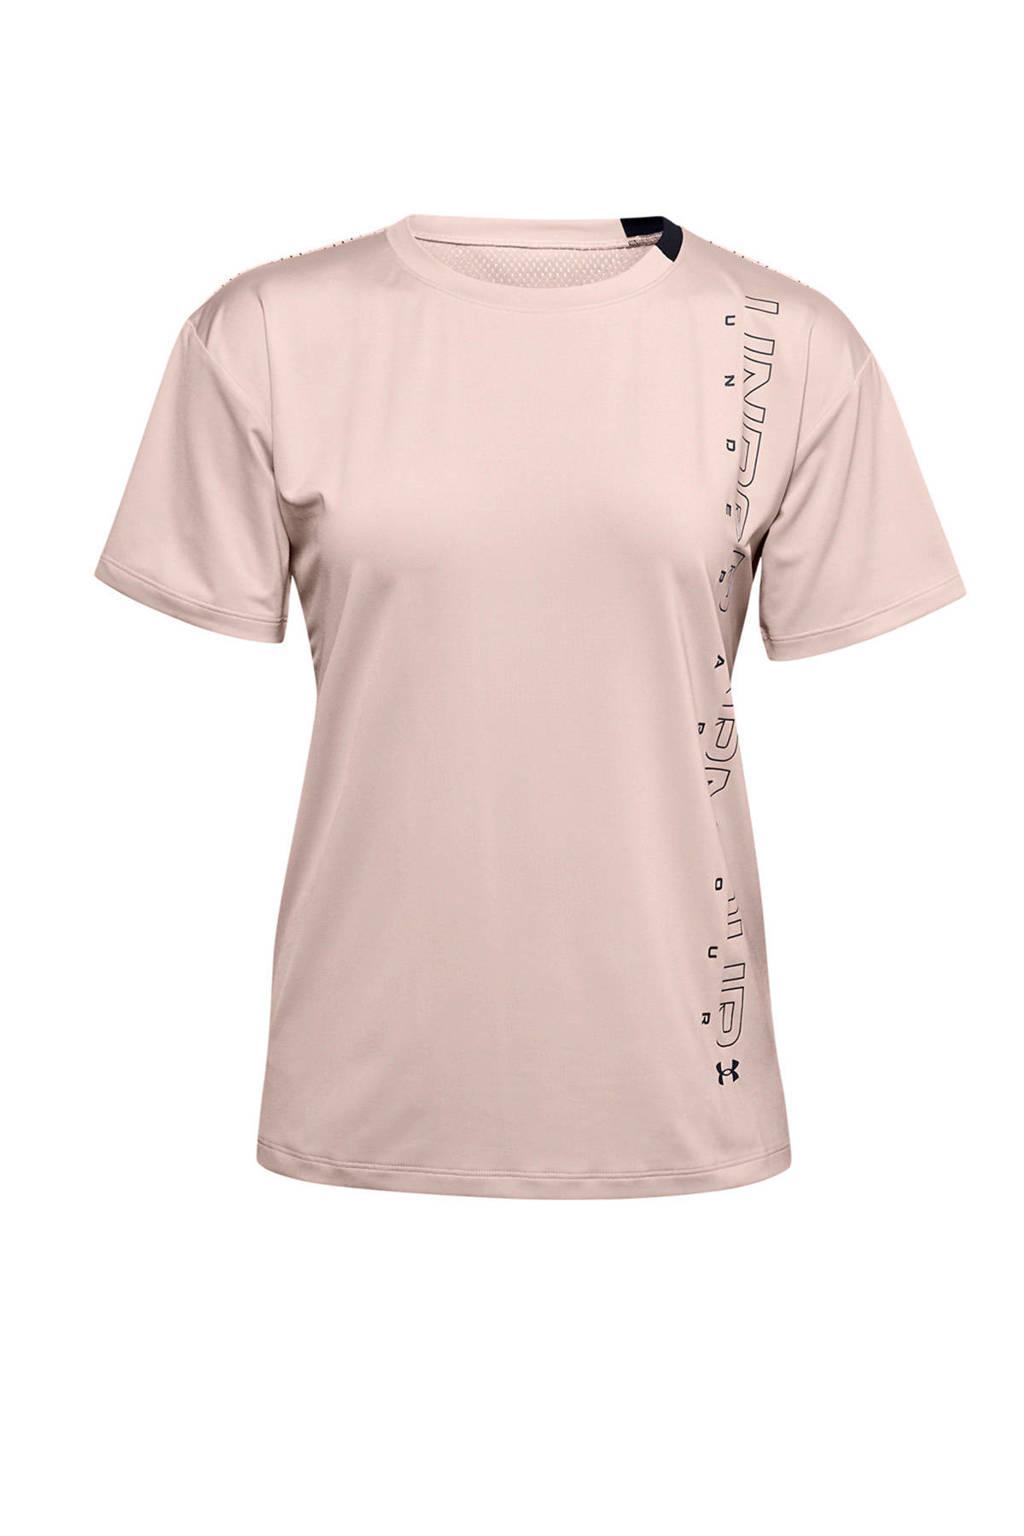 Under Armour sport T-shirt oudroze, Oudroze